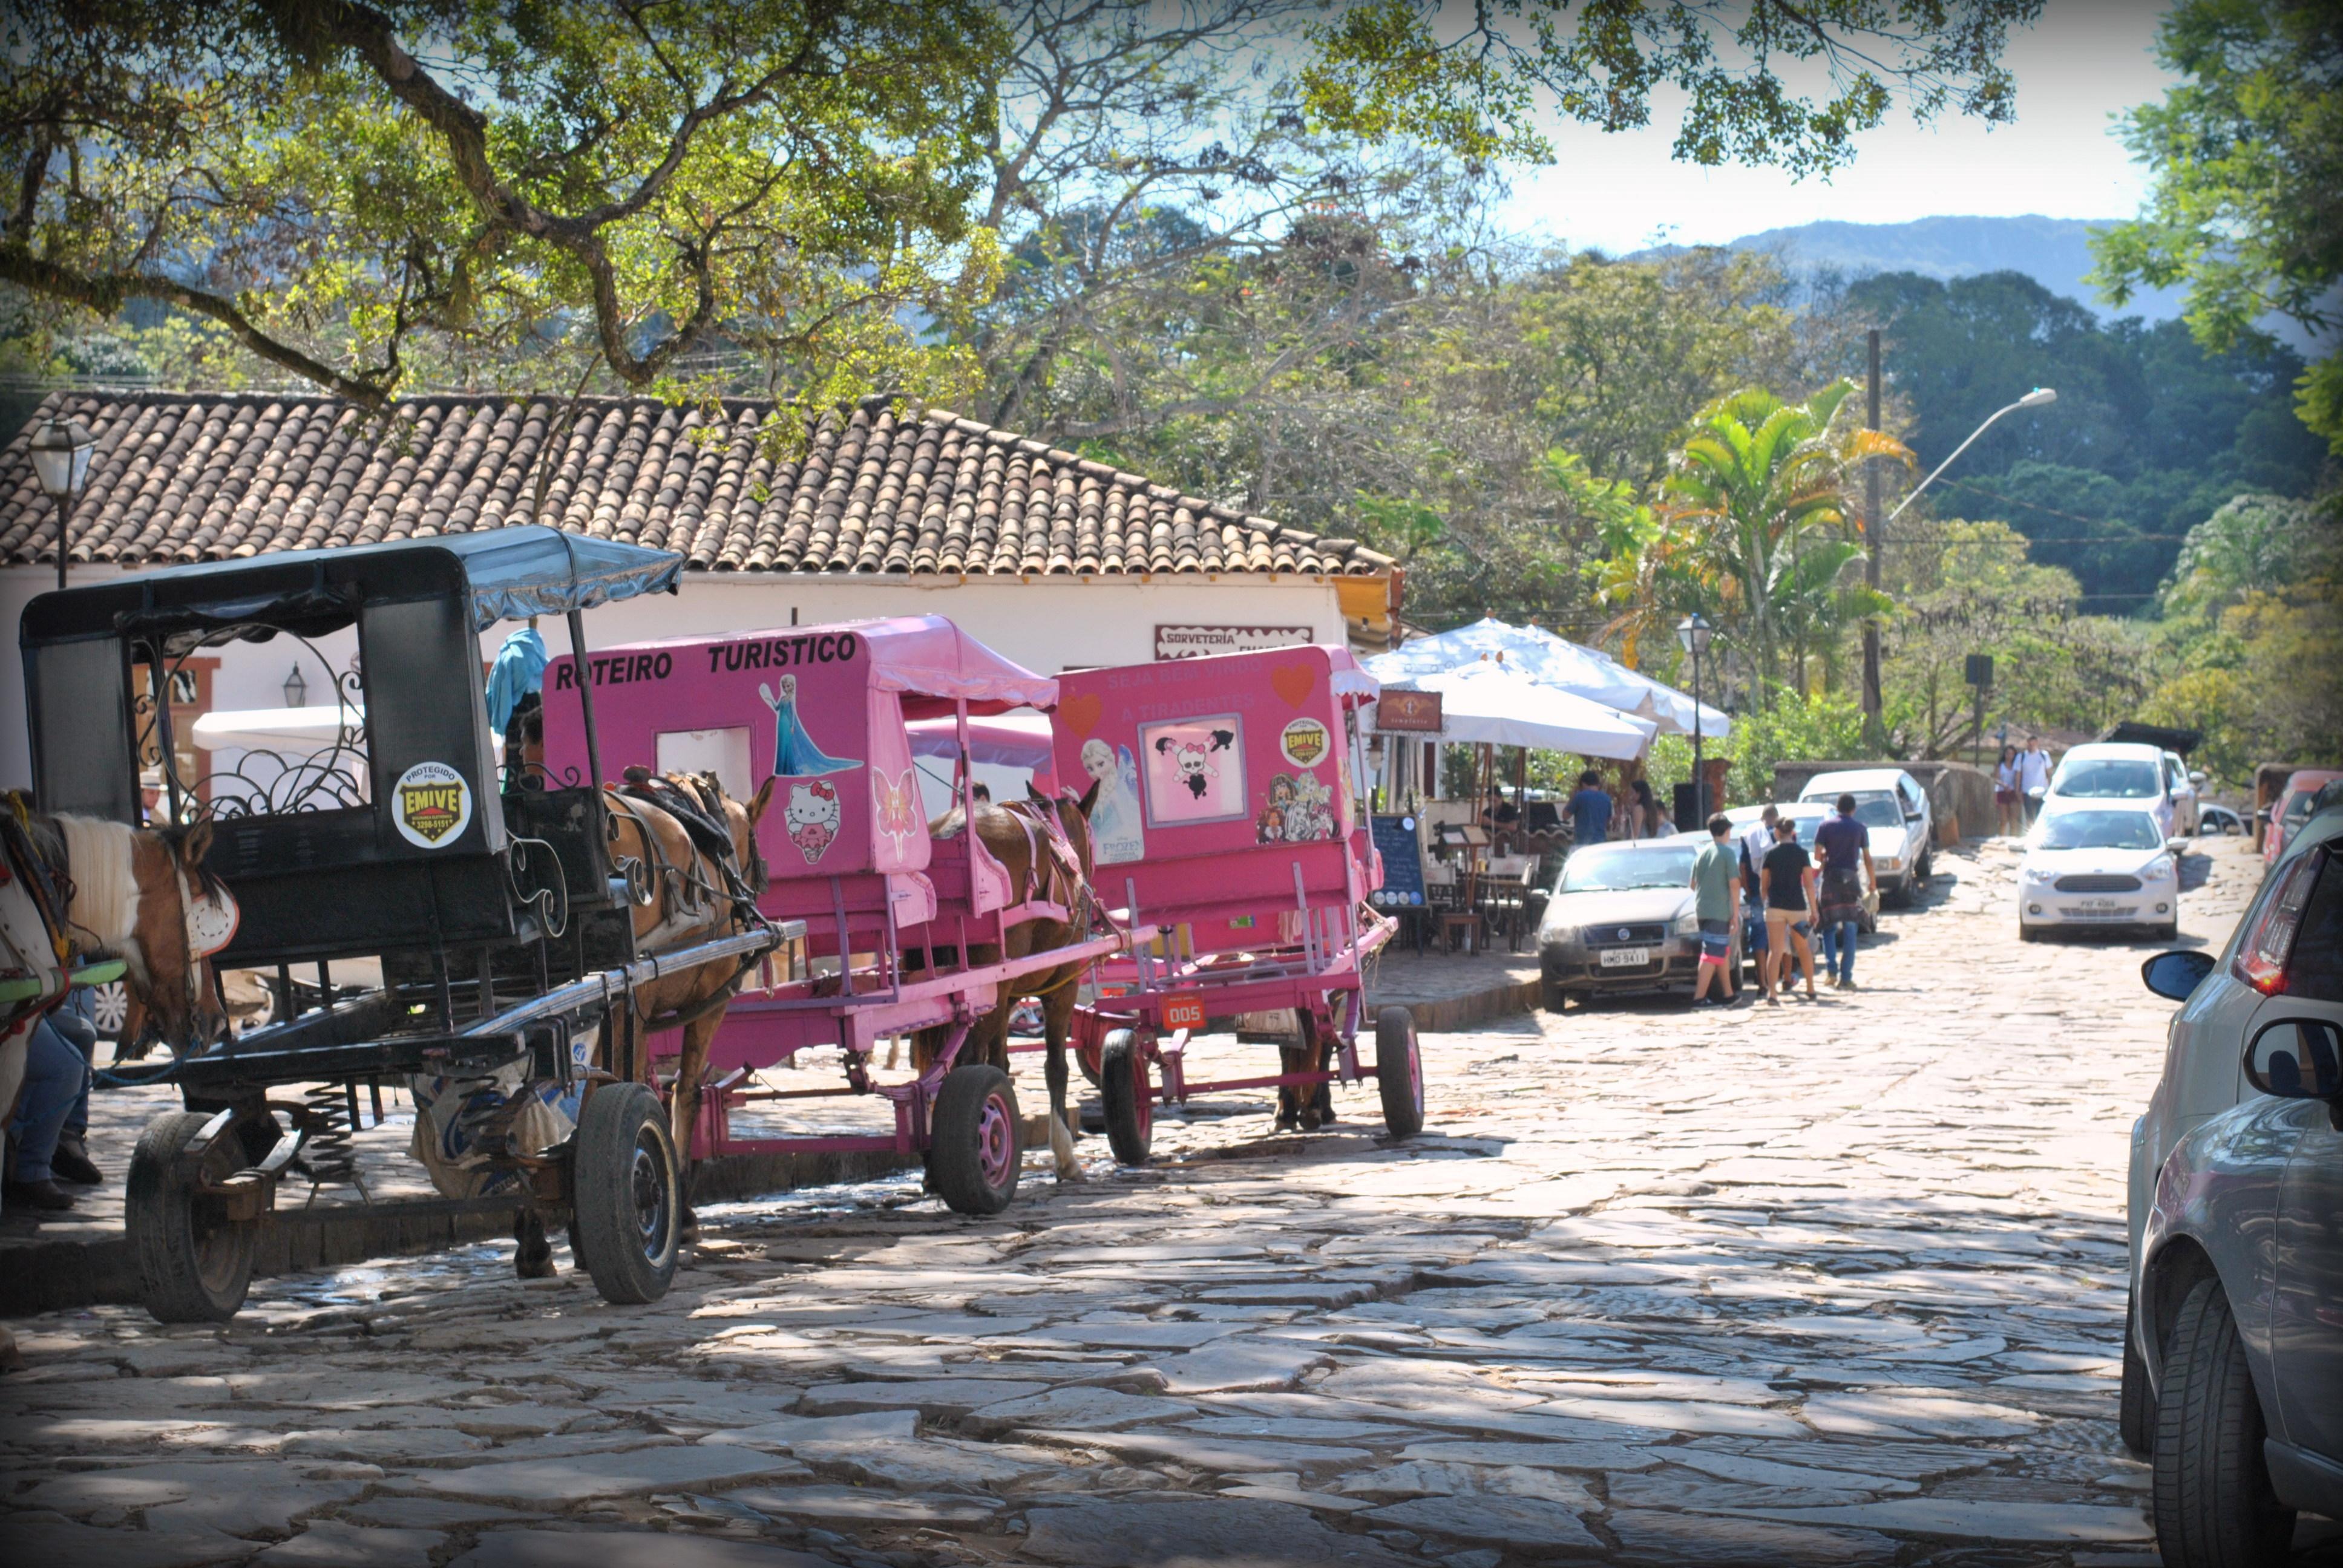 charretes em Tiradentes Minas Gerais